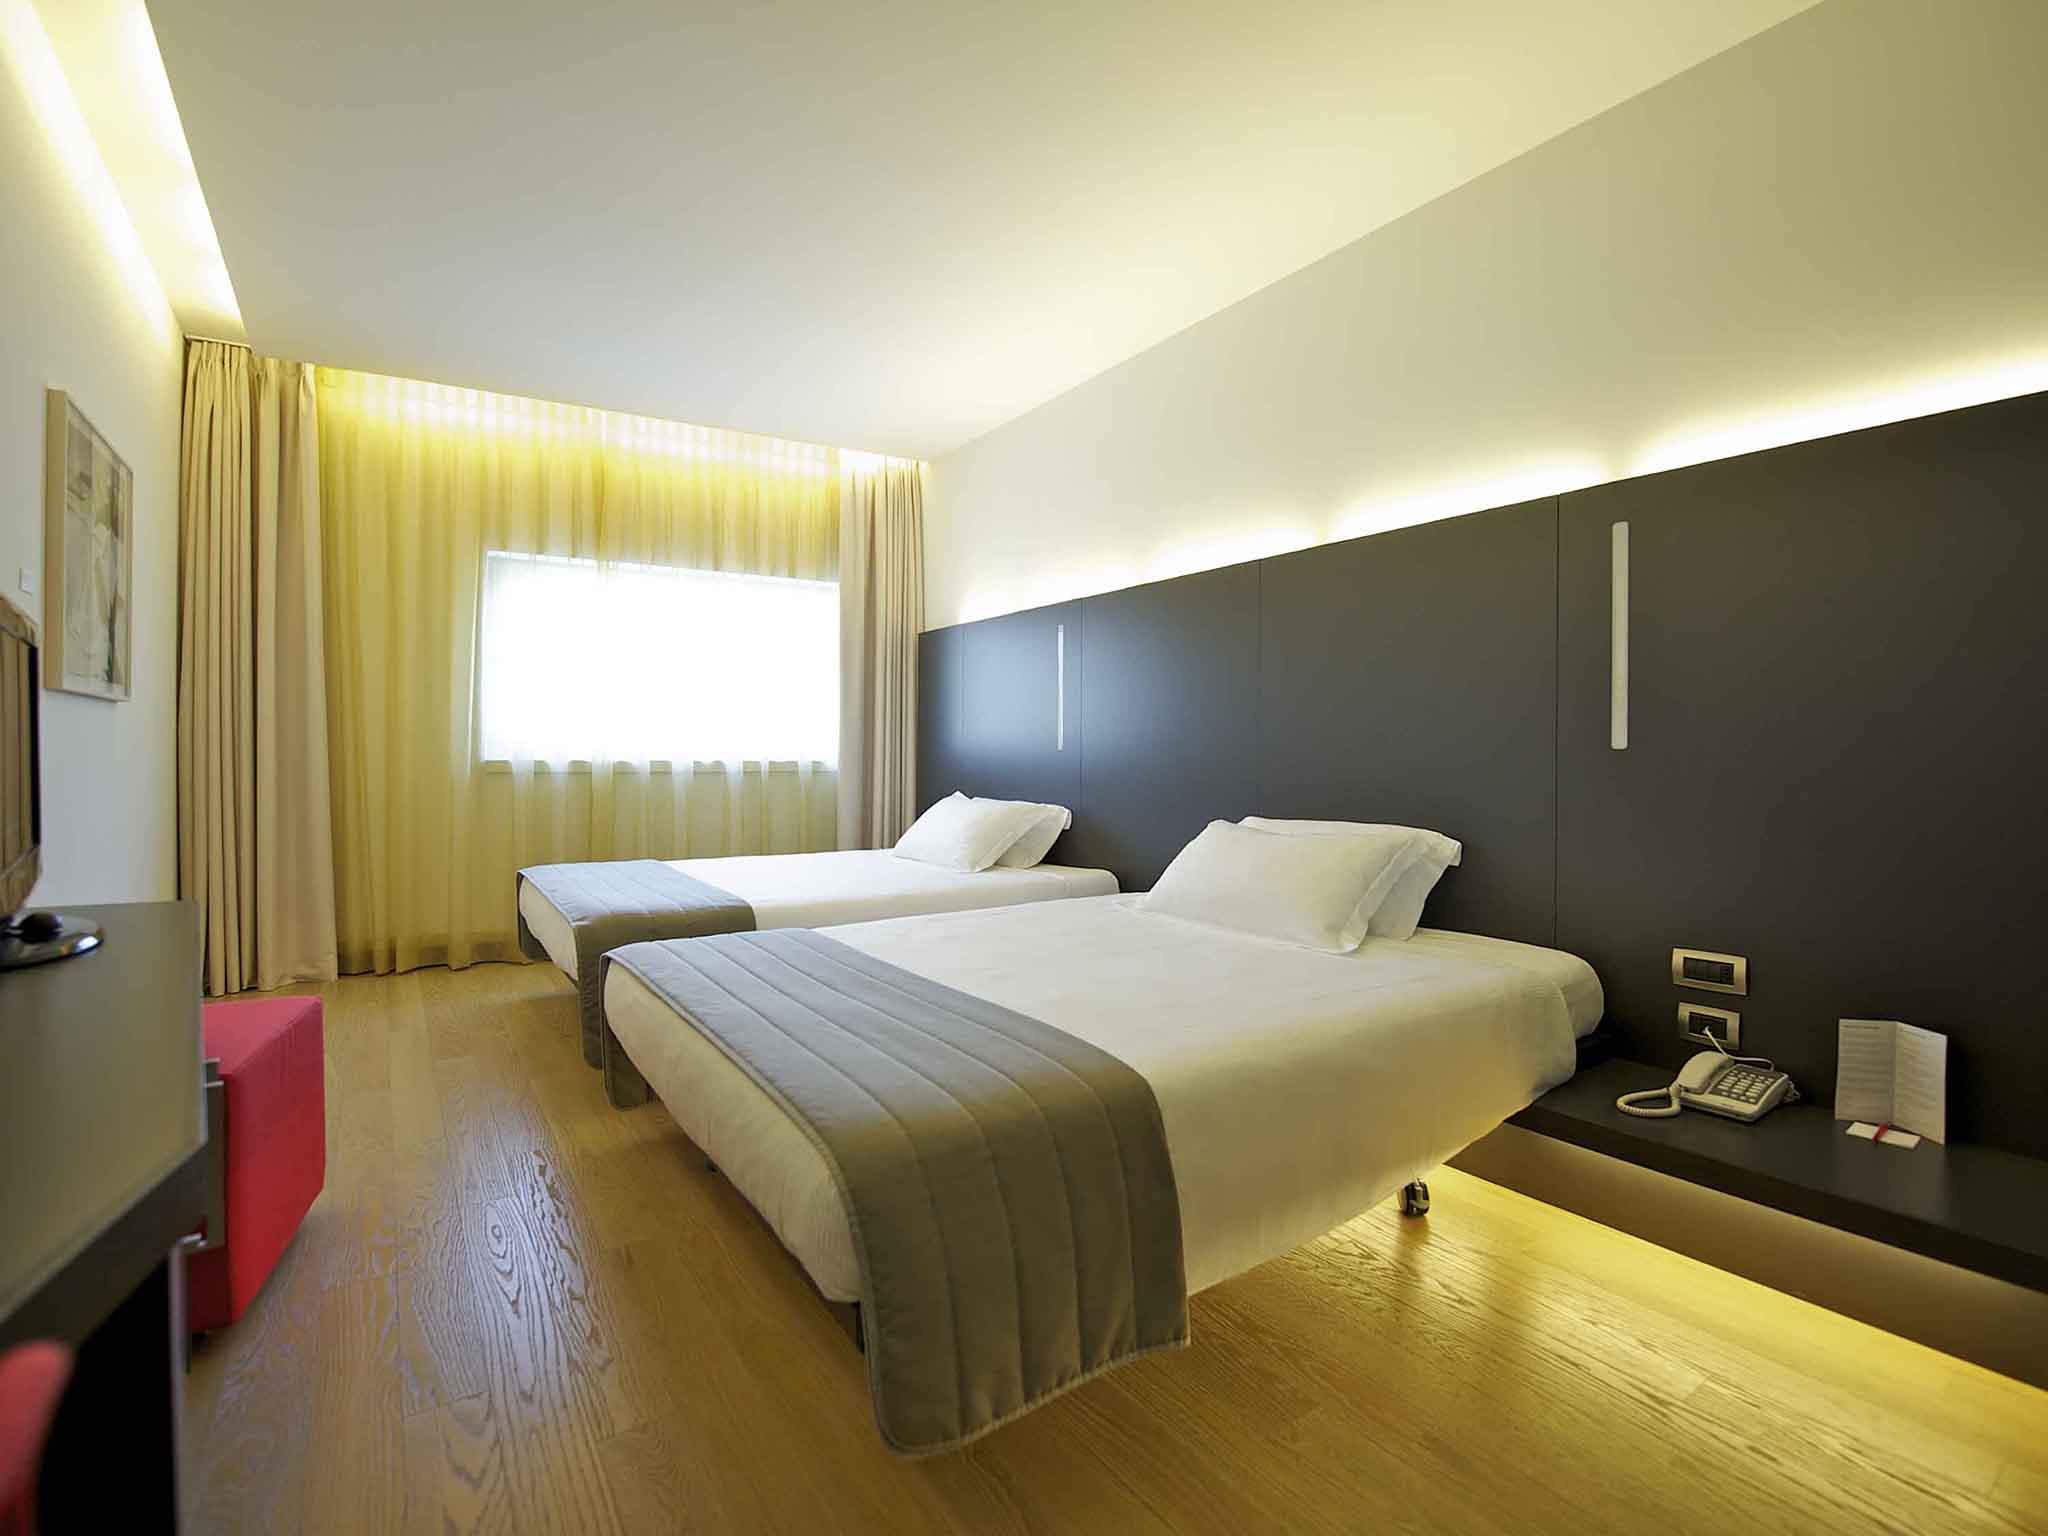 schlafzimmer schalldicht machen ikea bettdecken bewertung nutella bettw sche eulen 155x220. Black Bedroom Furniture Sets. Home Design Ideas